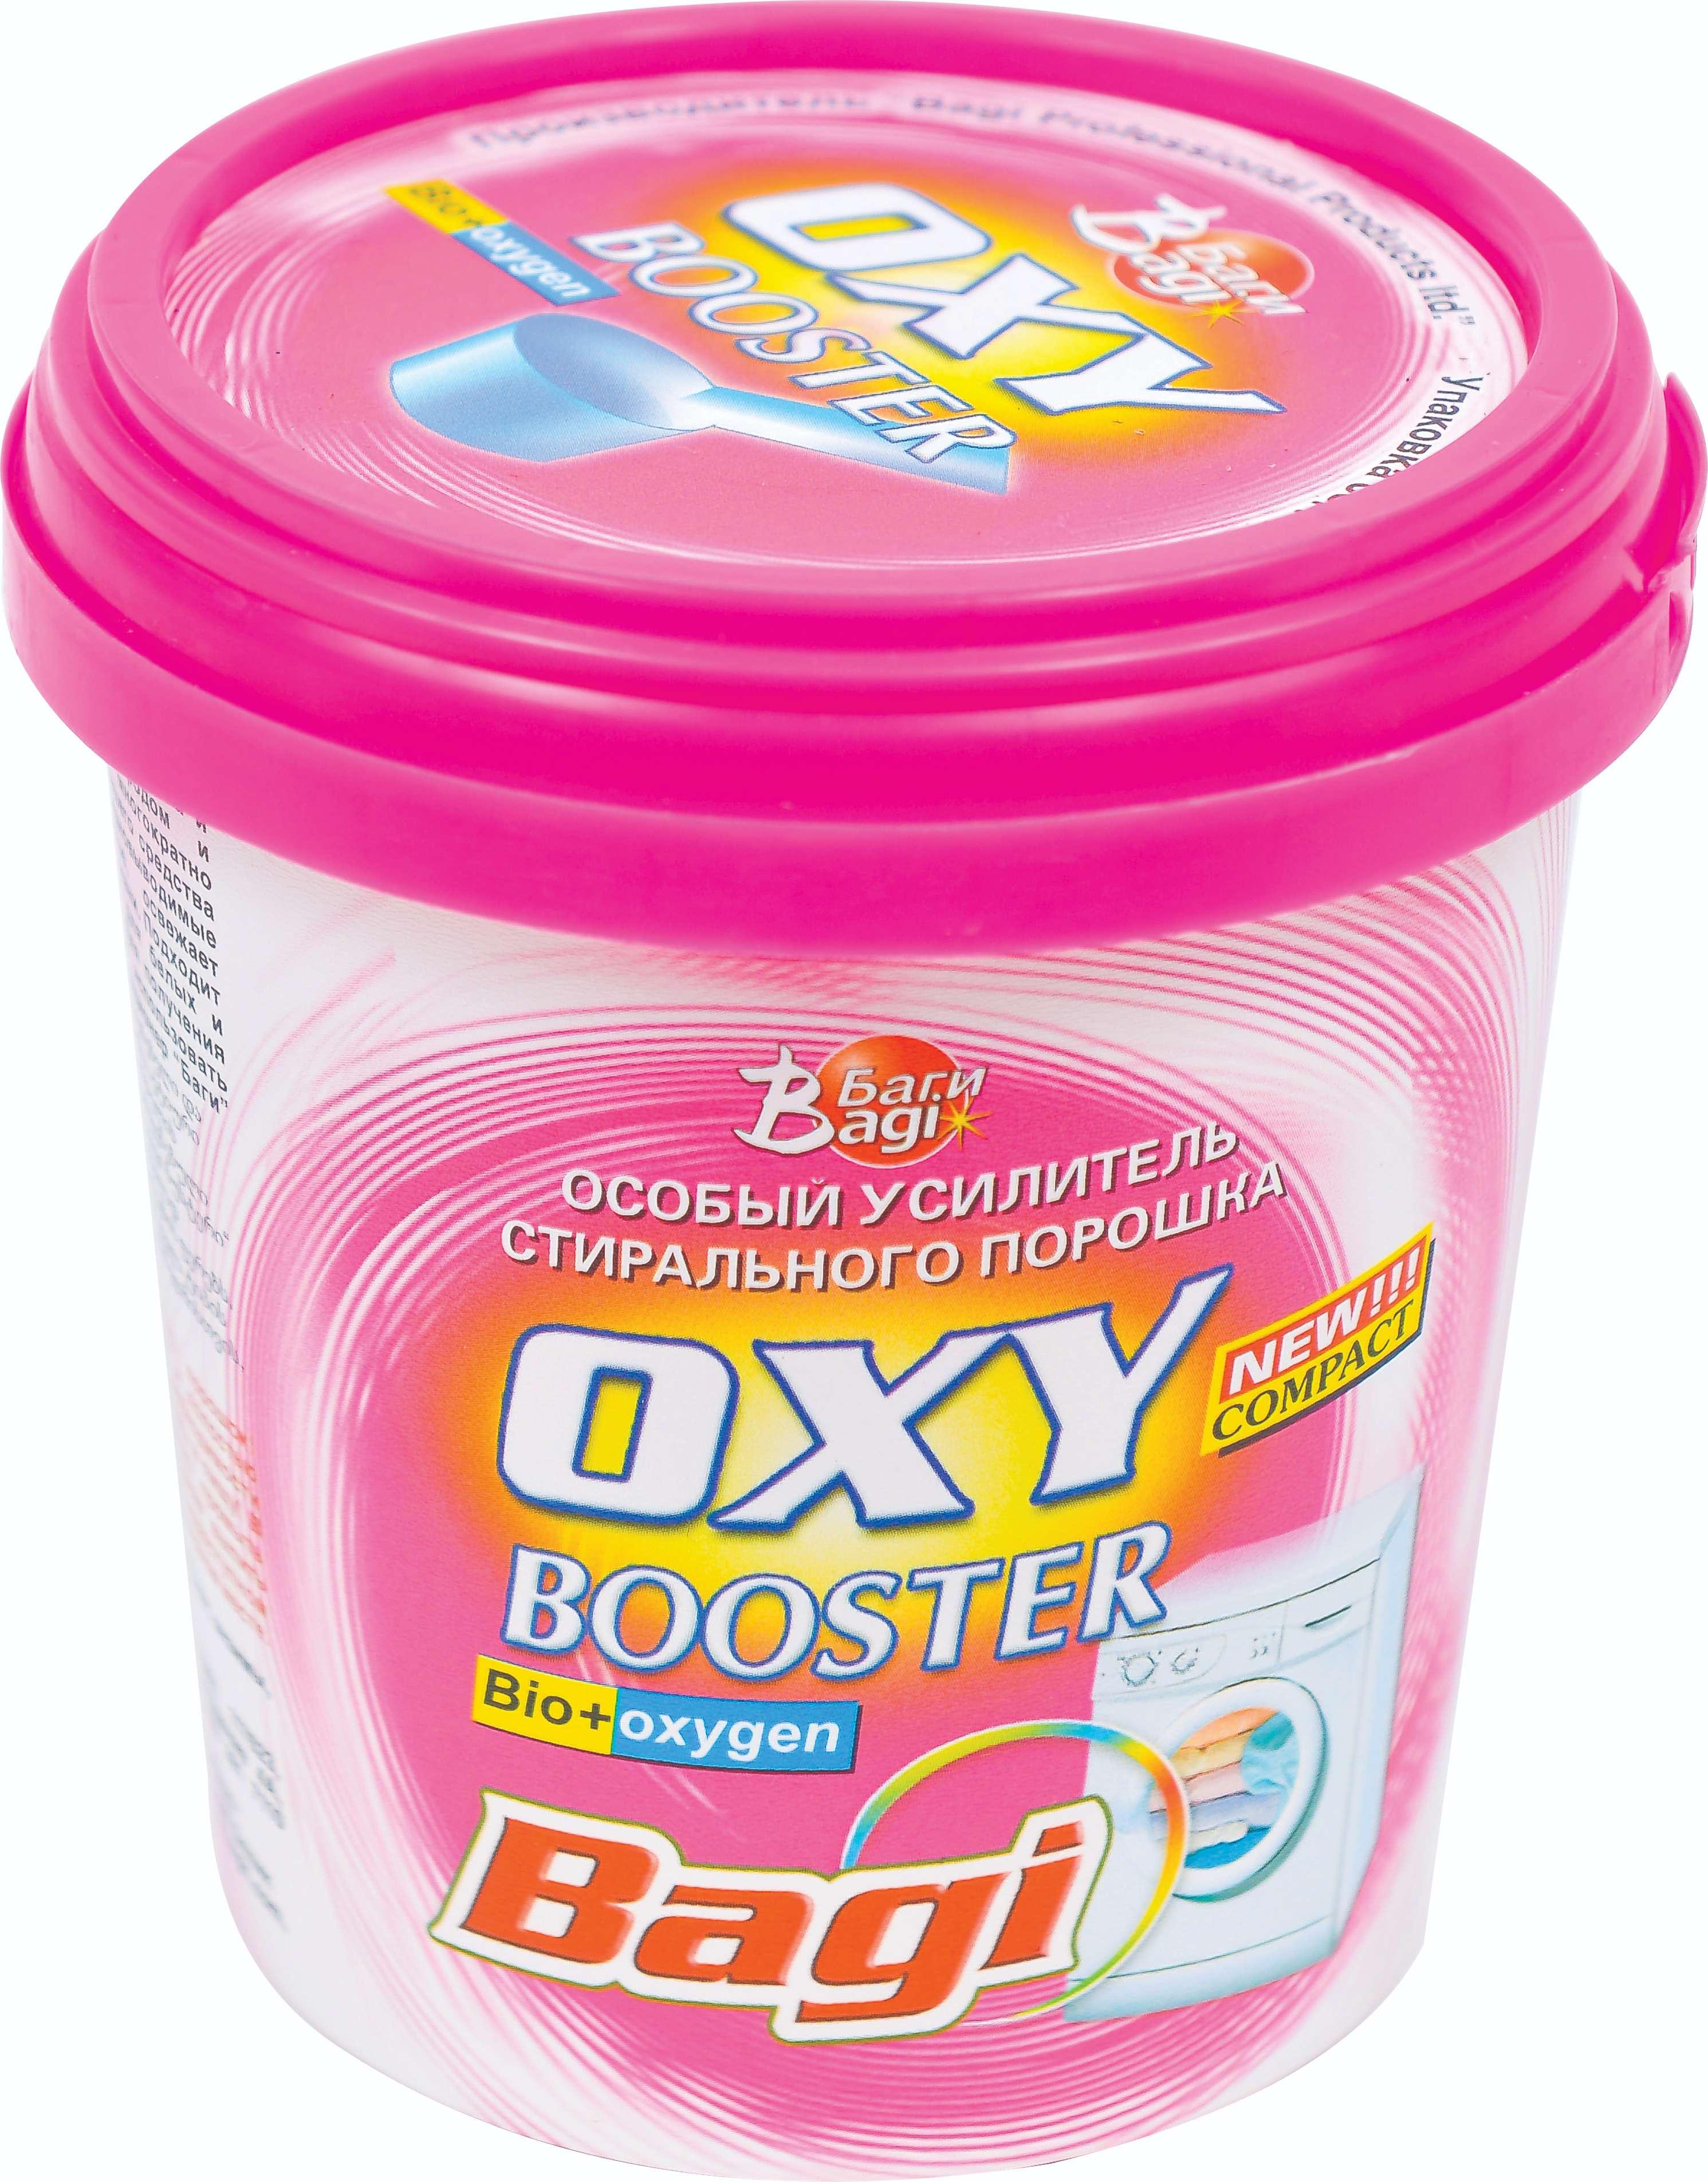 ოქსი ბუსტერი 0,5 კგ